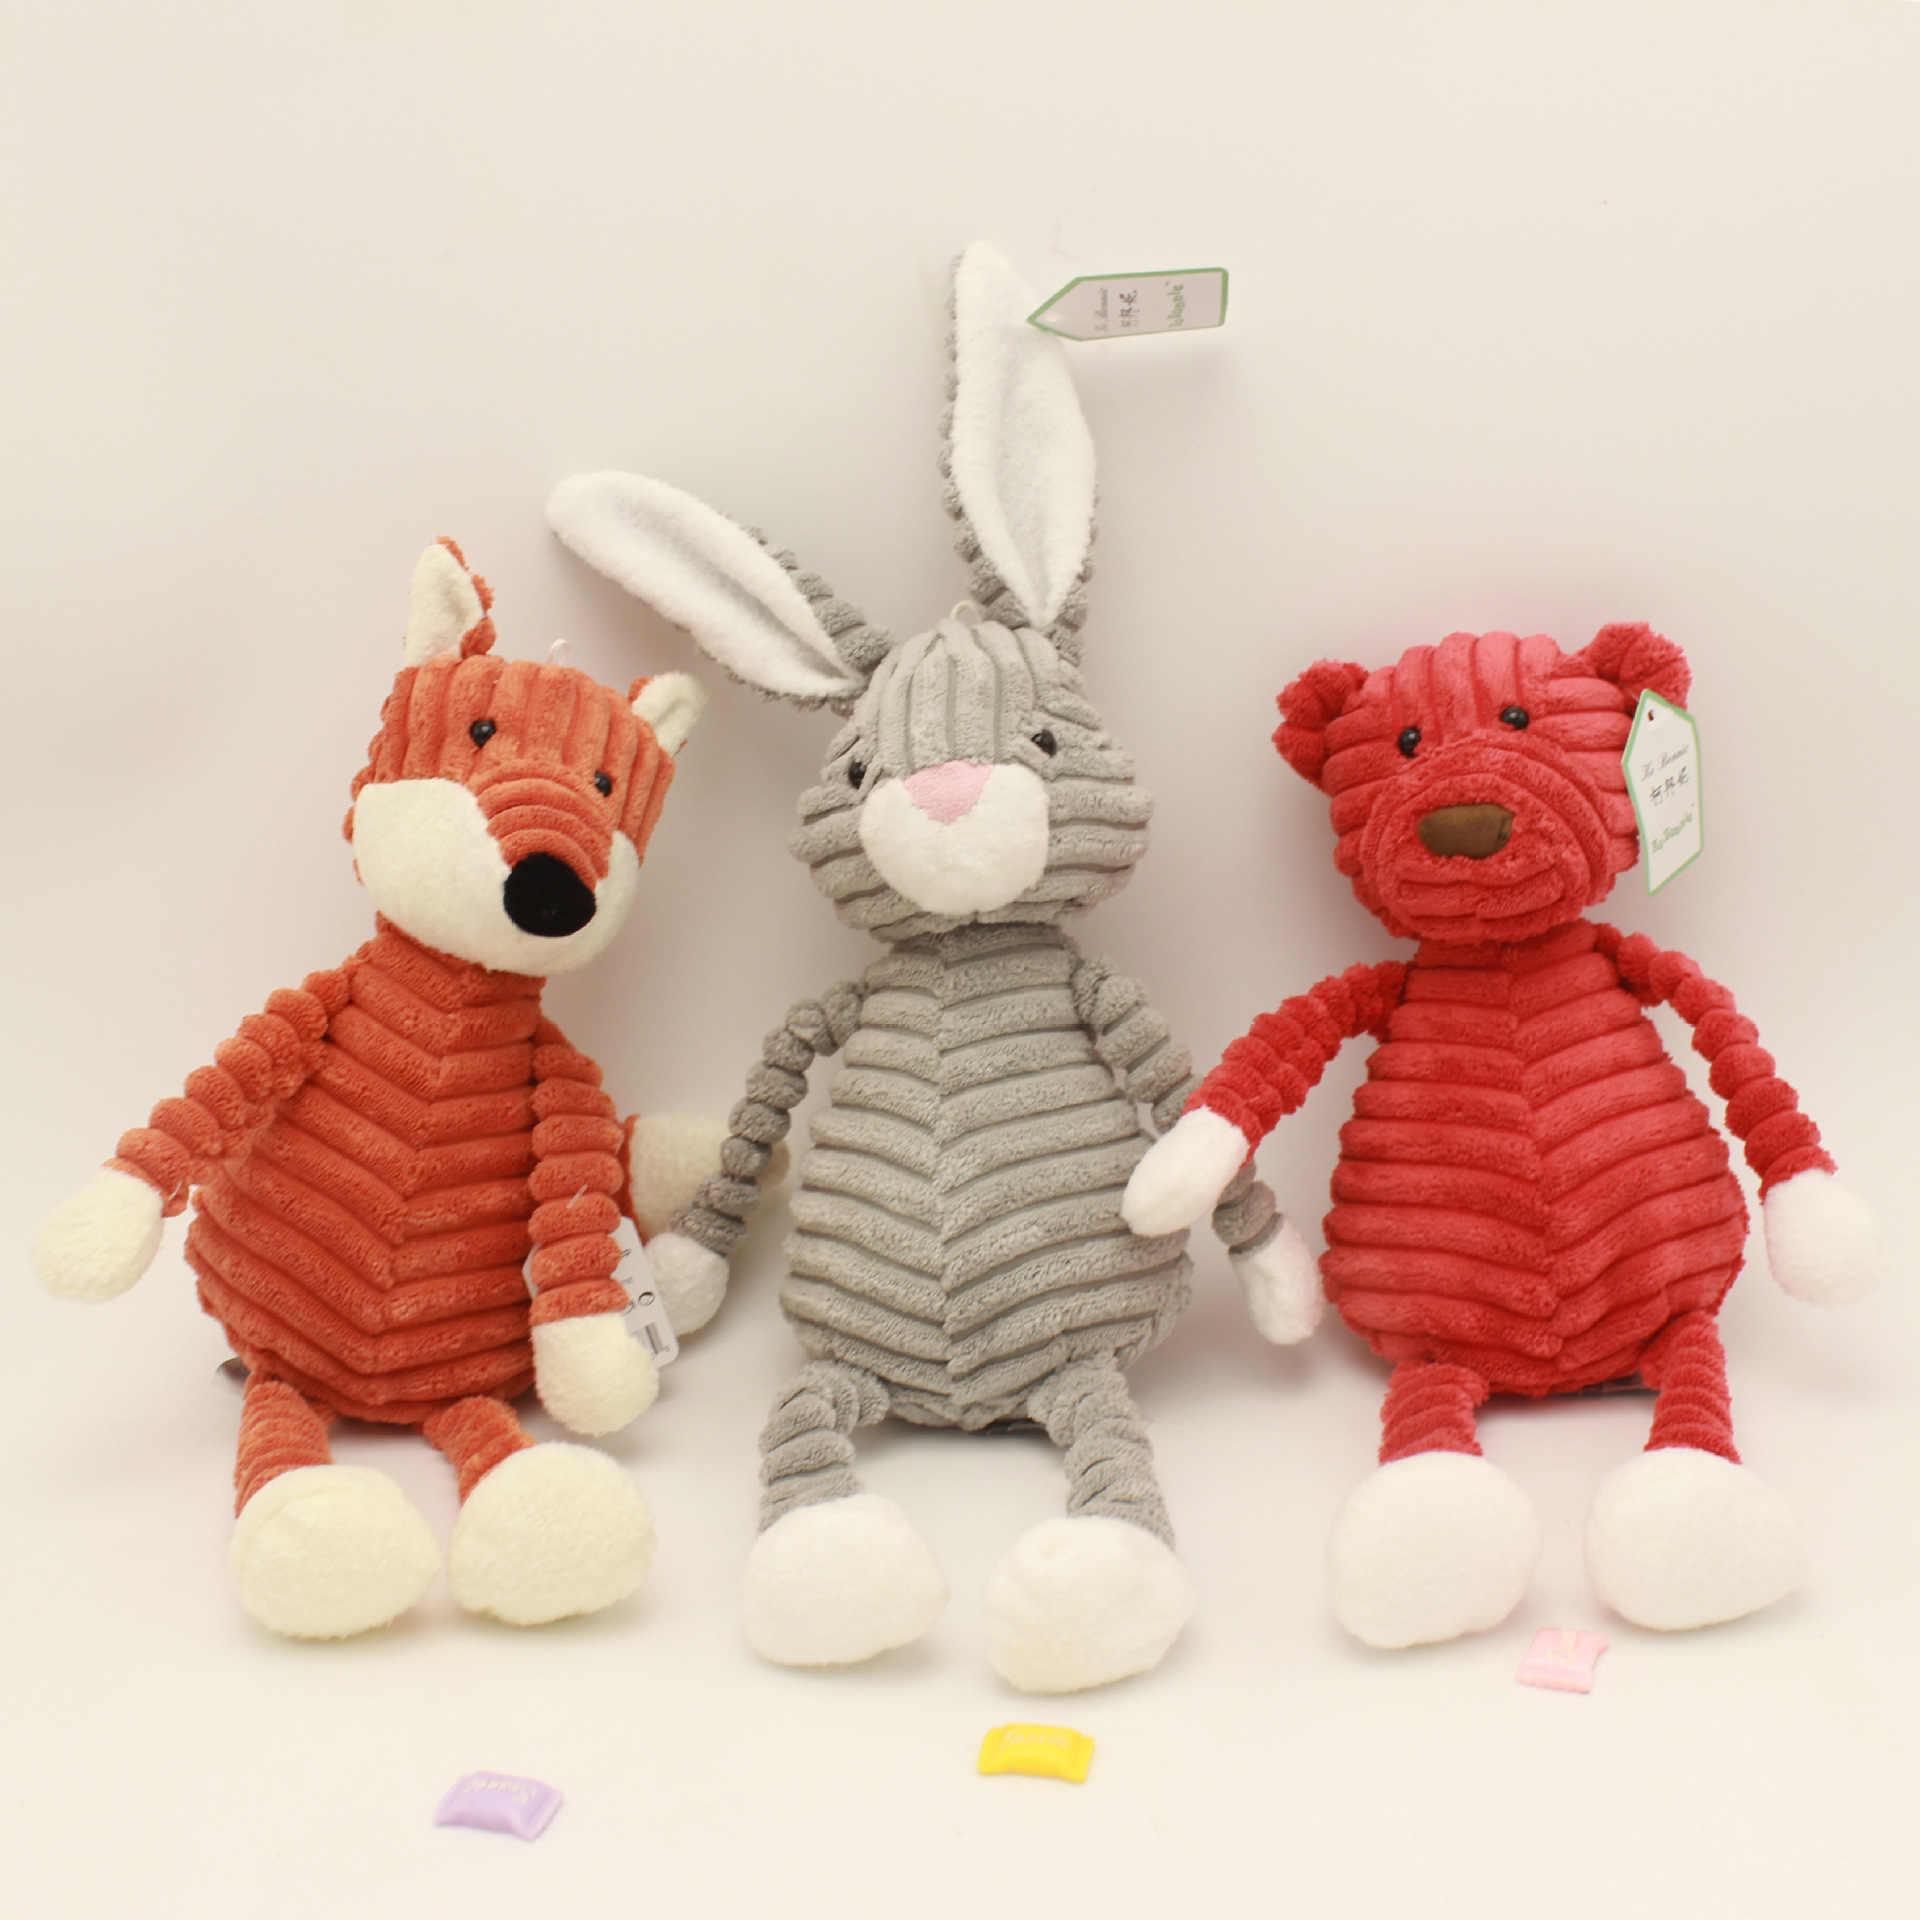 Carino A Forma di Animale di Peluche Giocattoli Creativi Bambola di Pezza per I Bambini A Righe Morbido Giocattoli Casa Decorazione Della Tavola Di Moda Ornamenti Auto